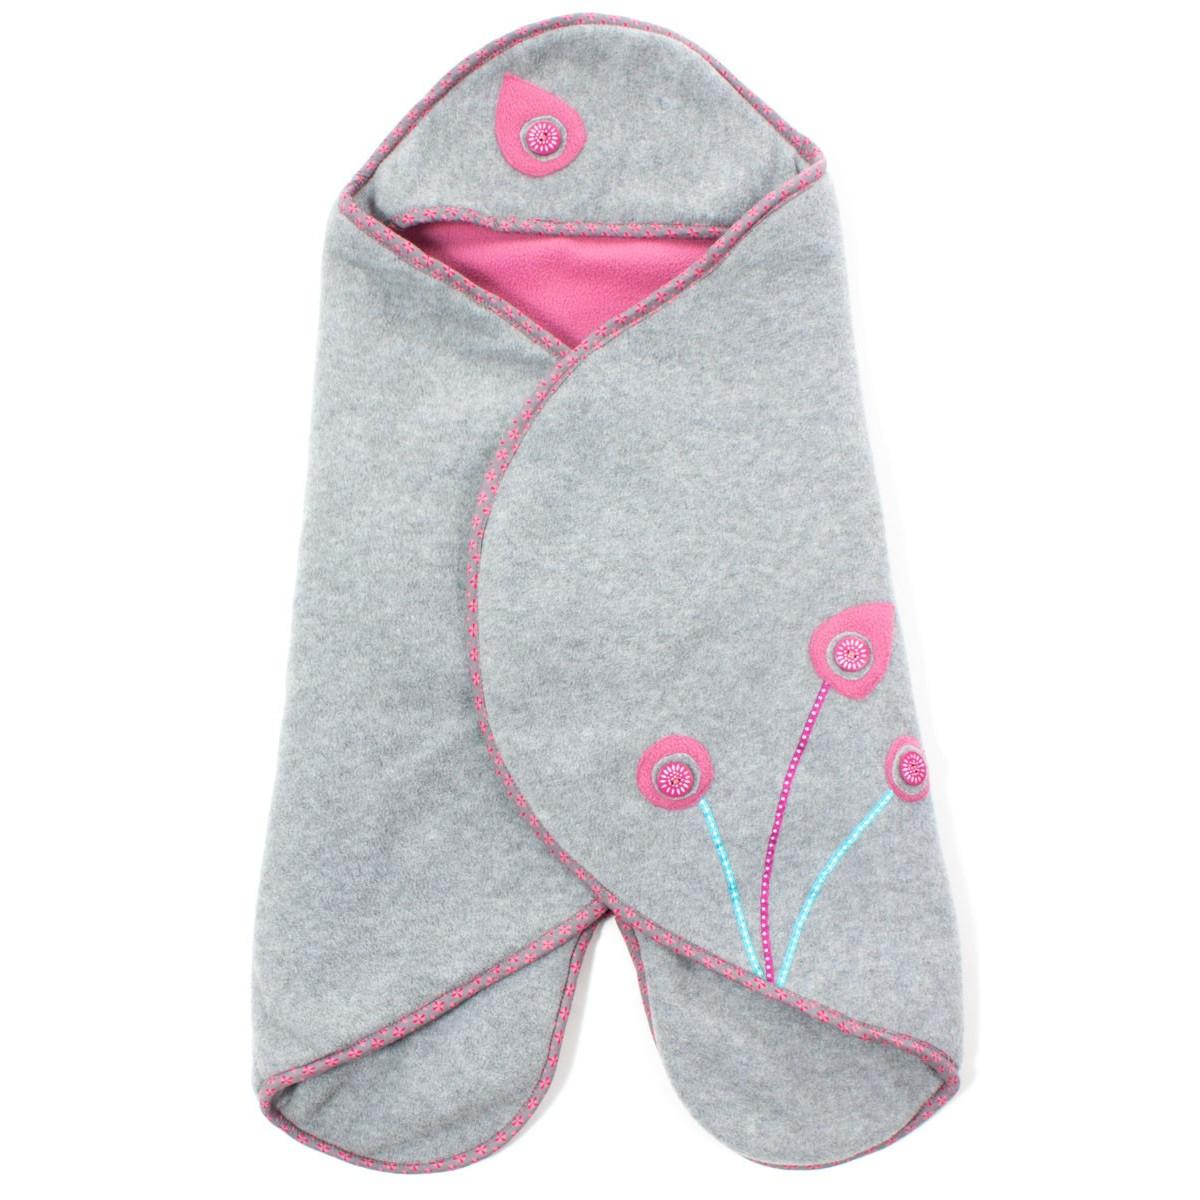 Couverture nomade polaire bébé 0-12 mois gris et rose